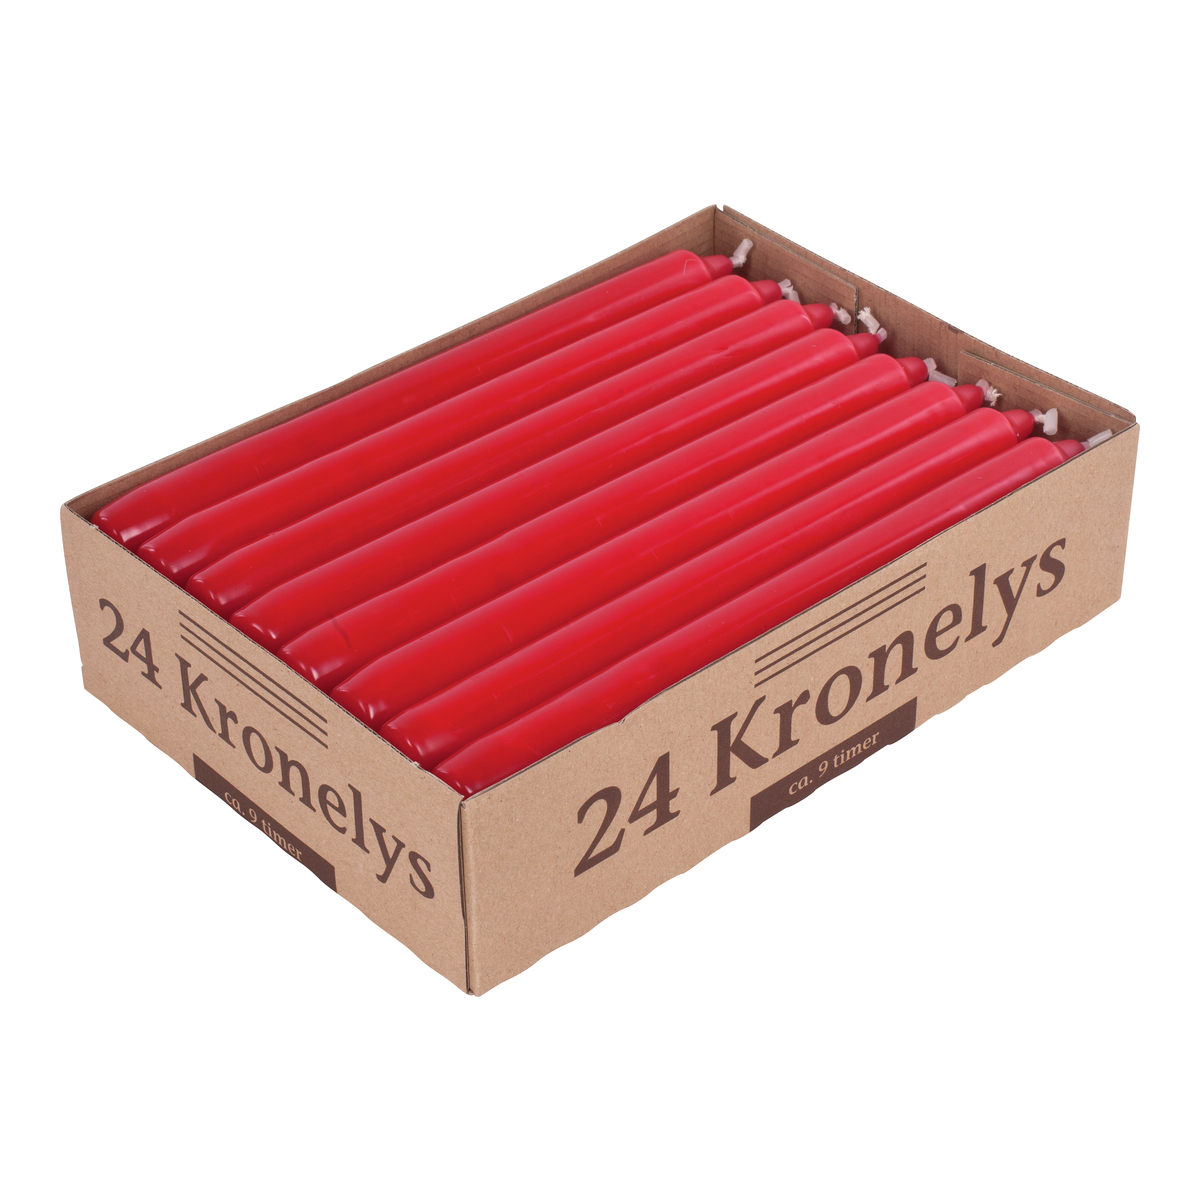 Kronelys 24pk-STE2082